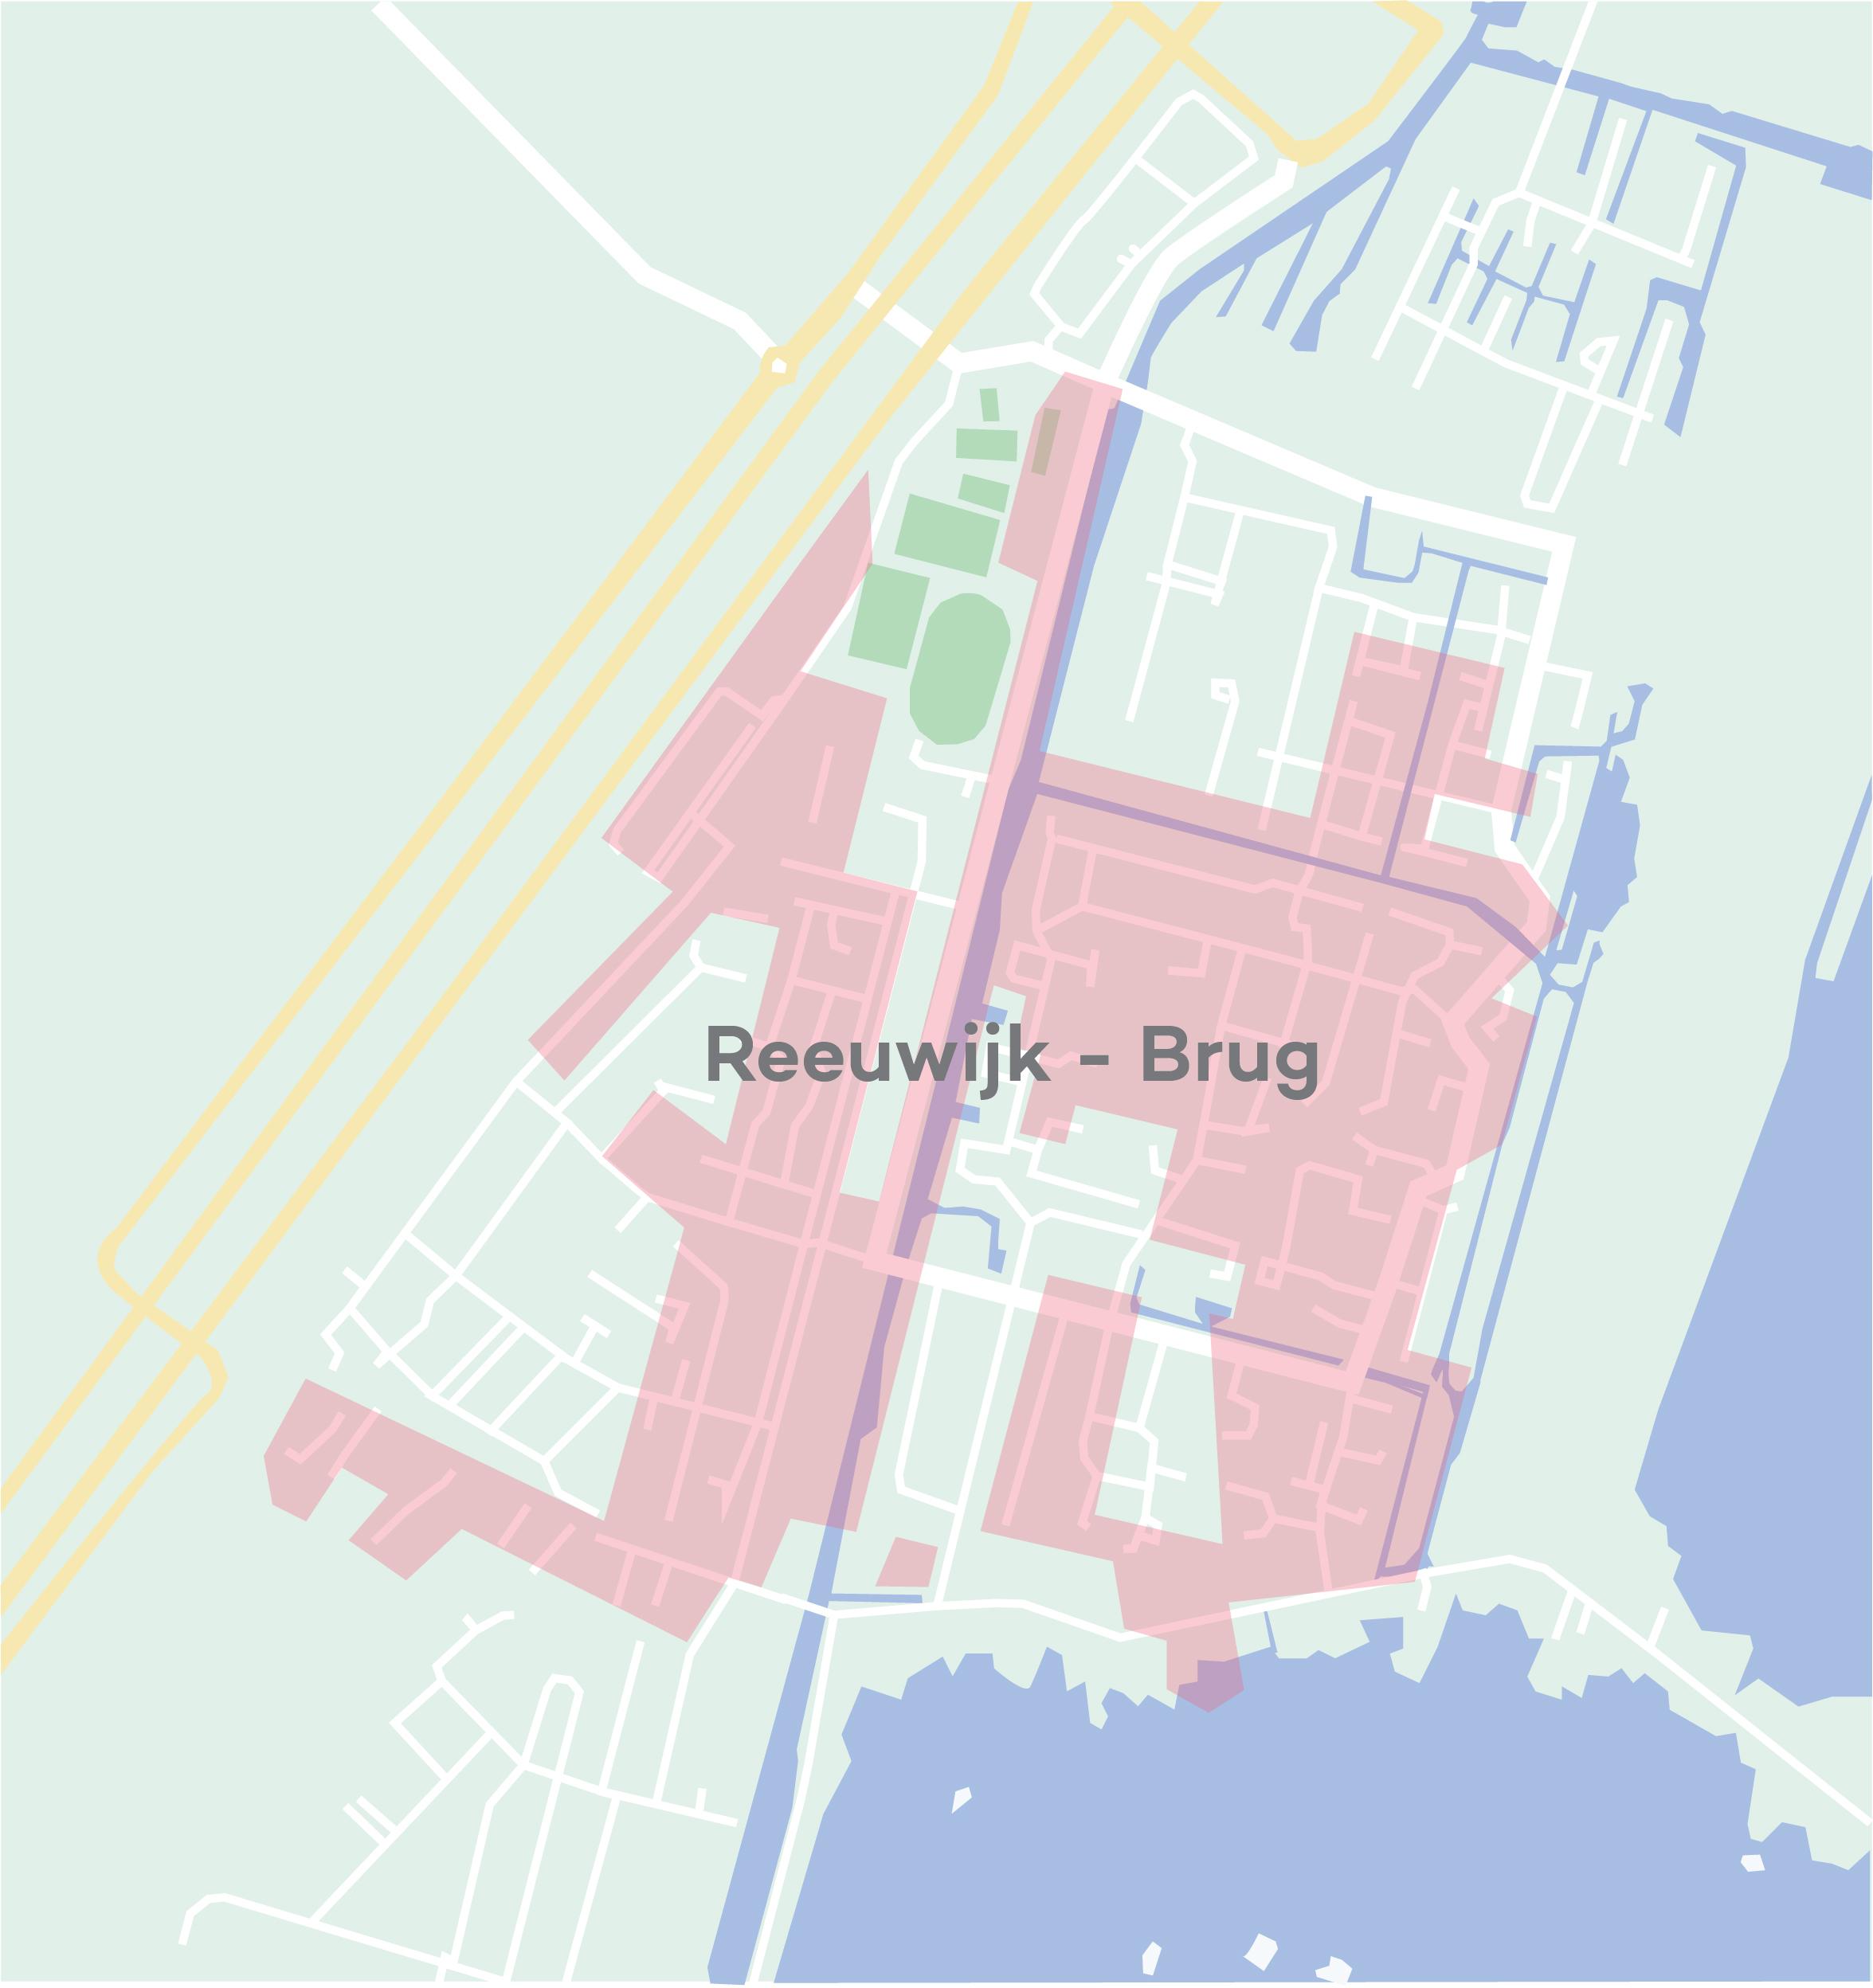 Overzicht-DFN-Reeuwijk-Brug